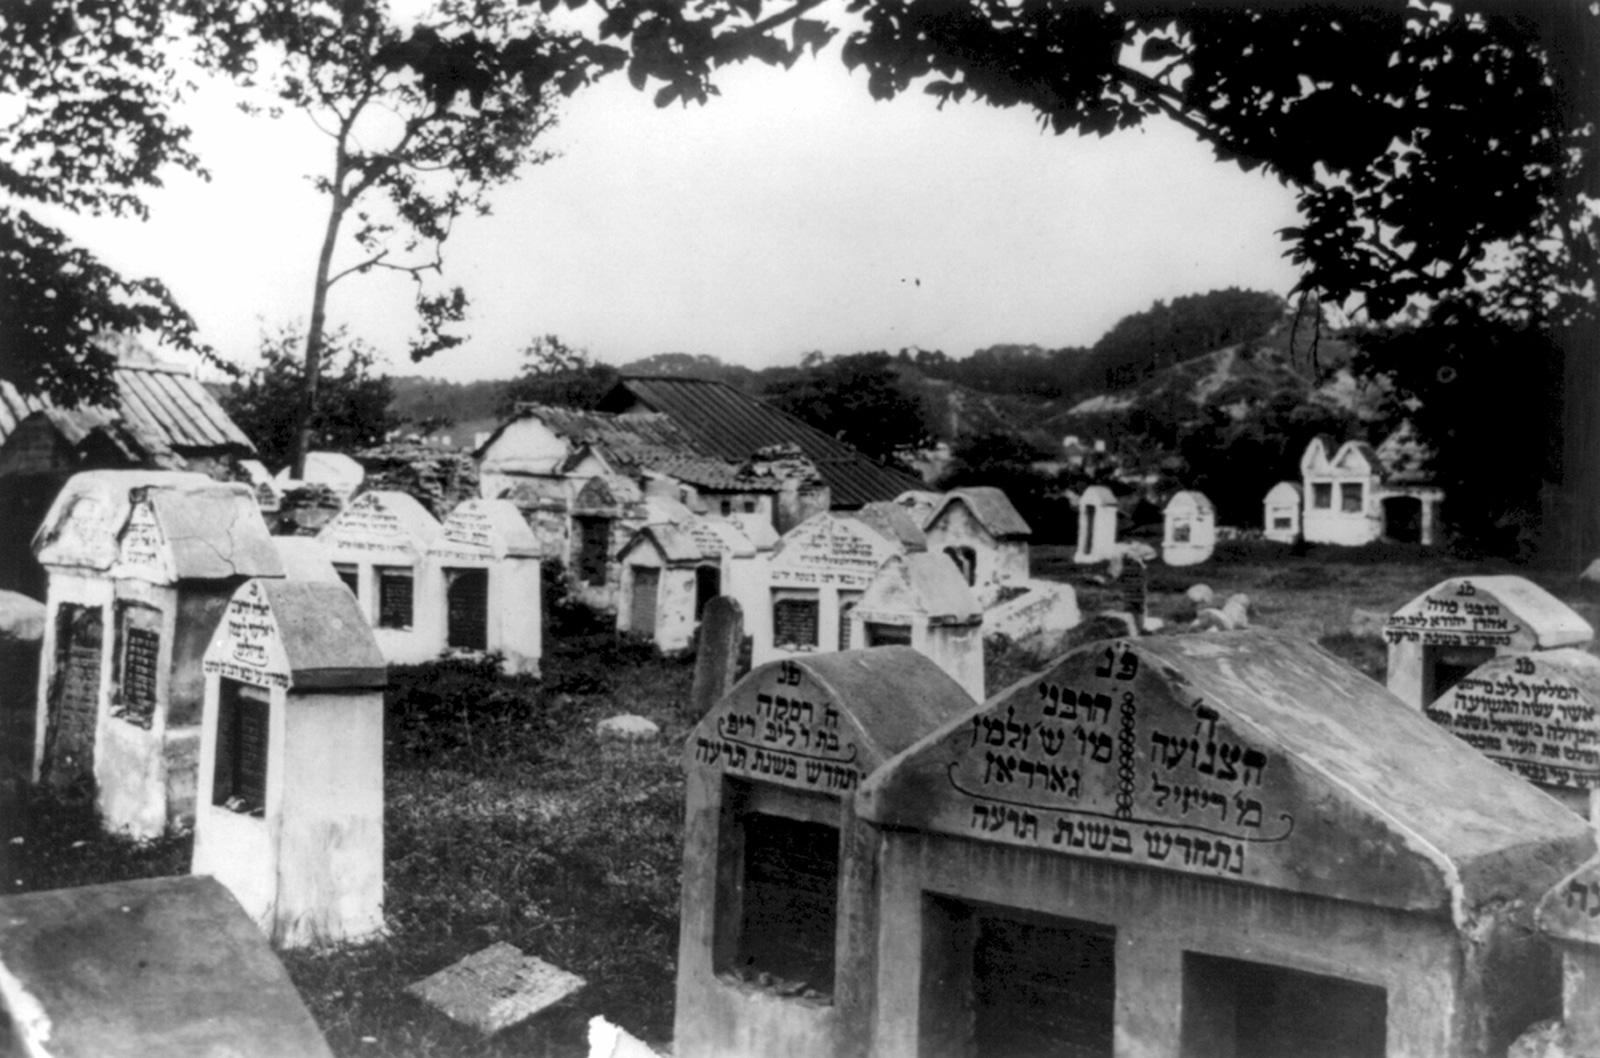 A Jewish cemetery in Vilna, 1922